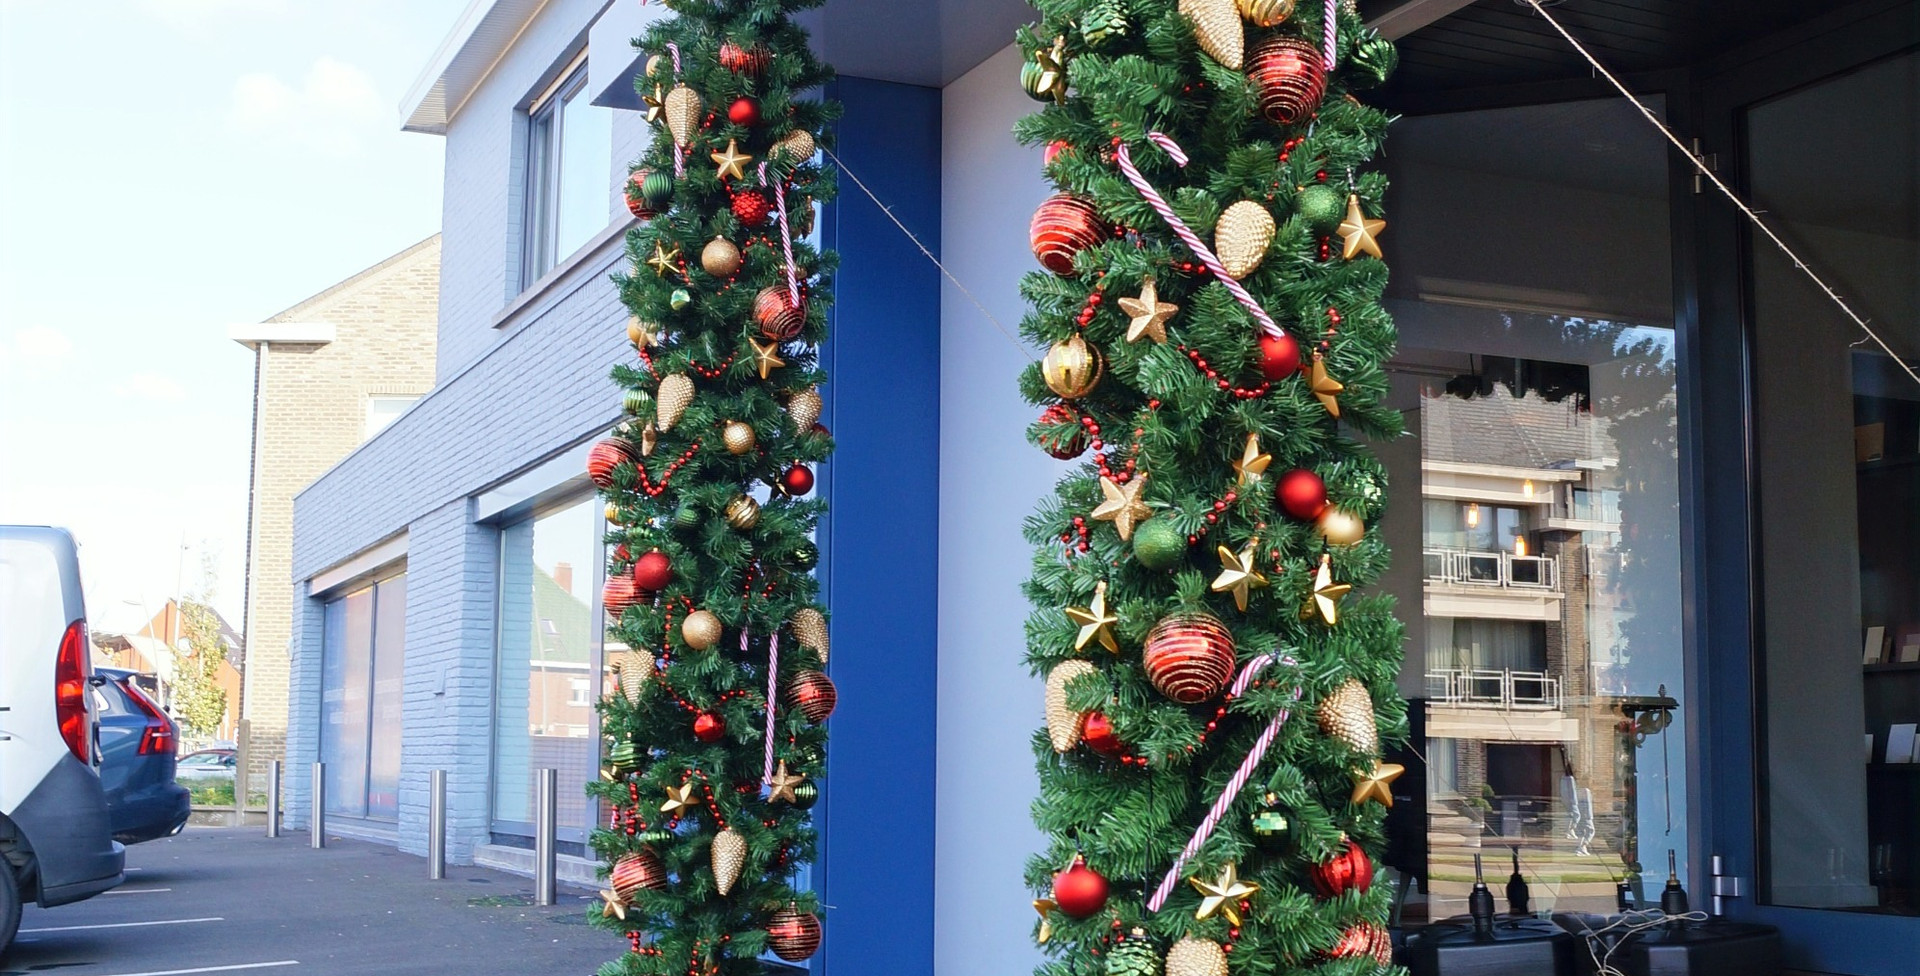 Kerstboog buiten zijaanzicht kerstboom